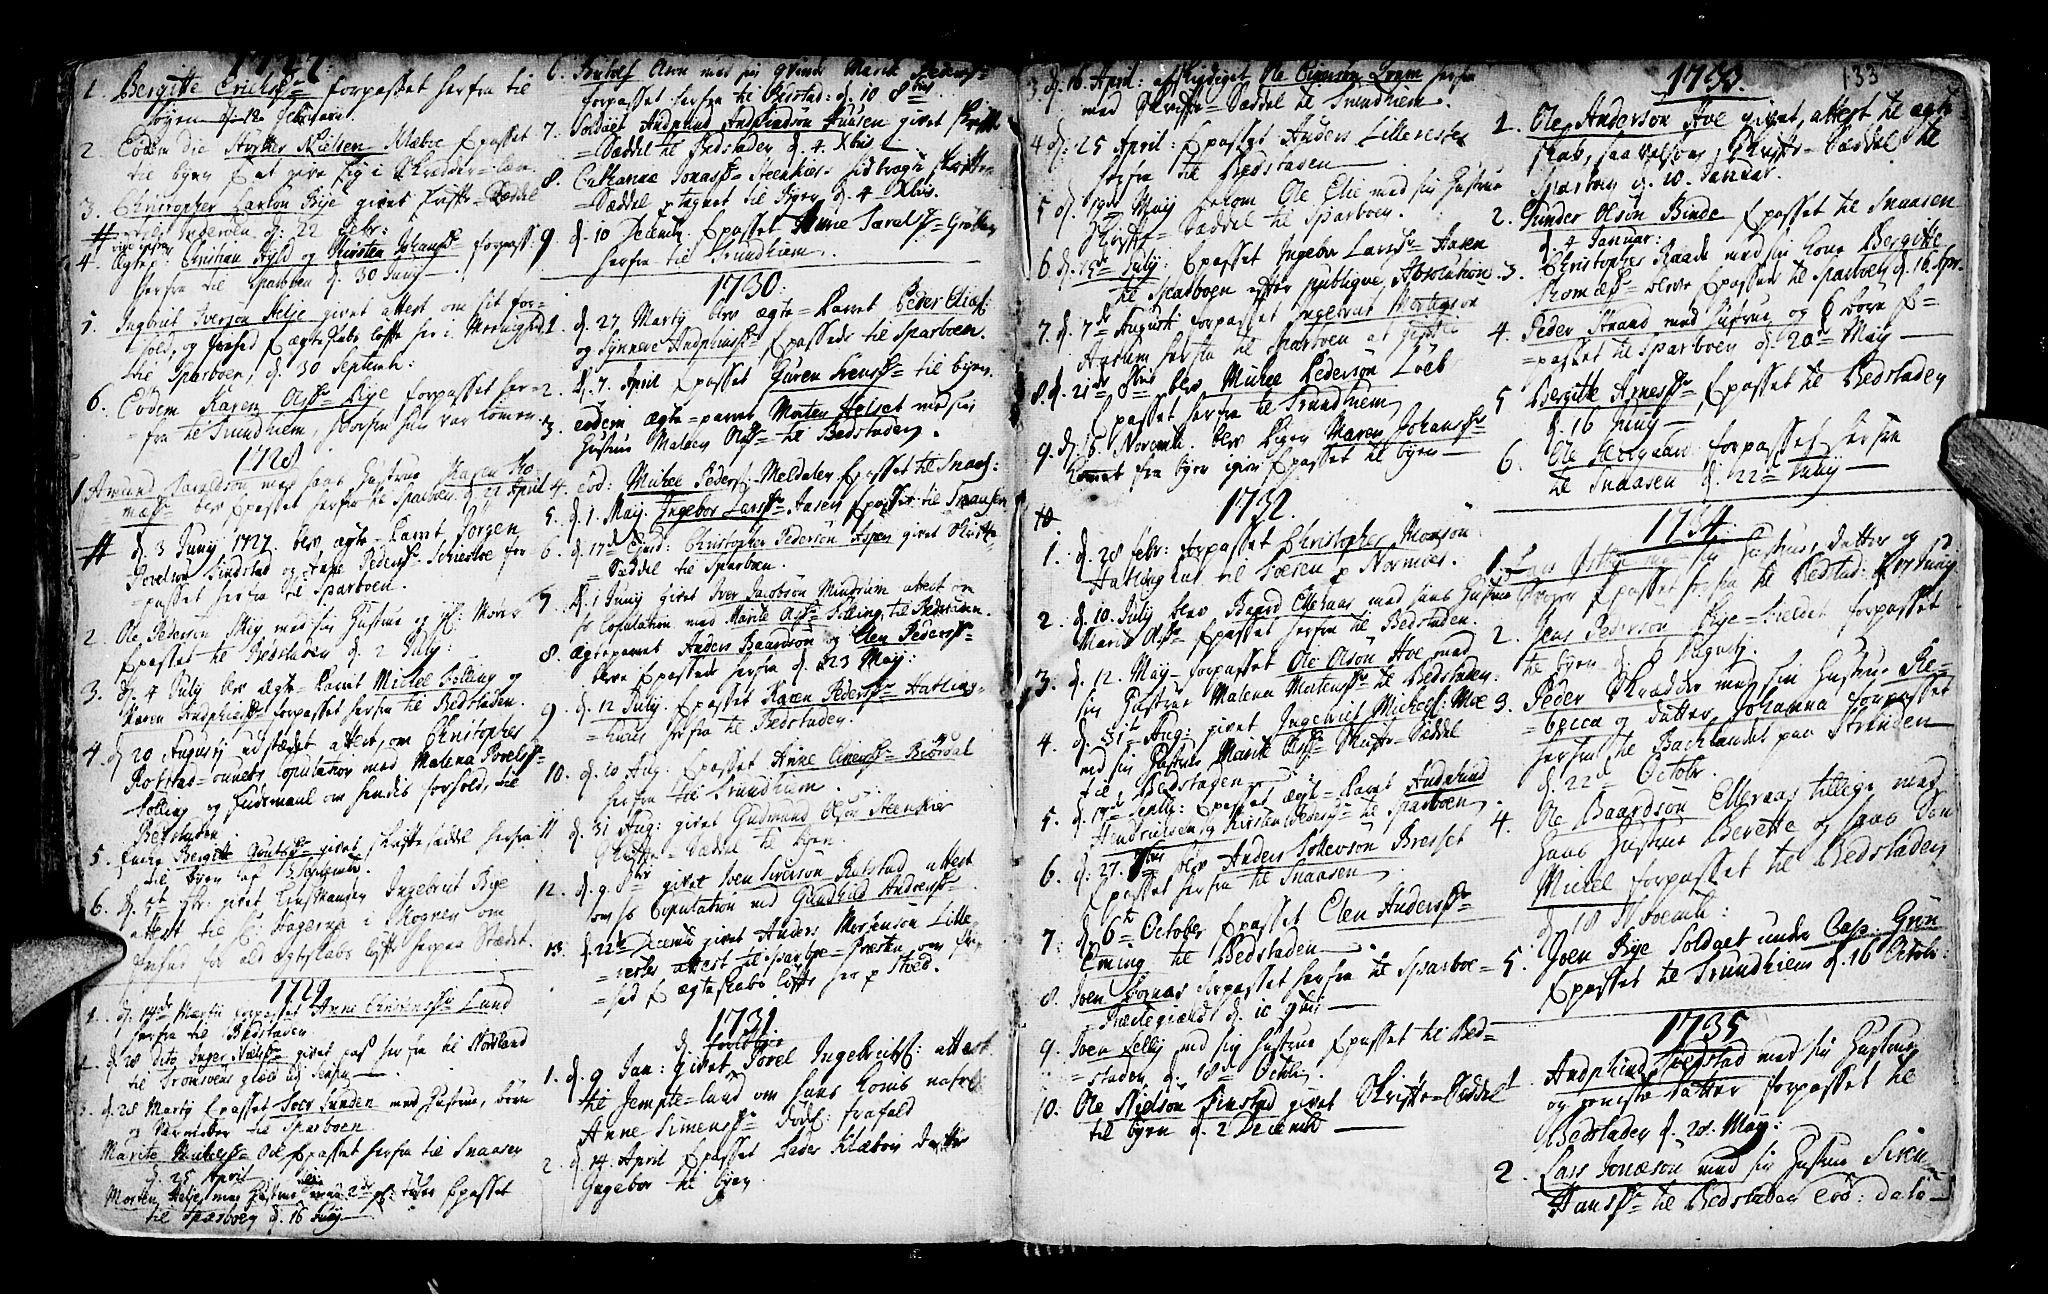 SAT, Ministerialprotokoller, klokkerbøker og fødselsregistre - Nord-Trøndelag, 746/L0439: Ministerialbok nr. 746A01, 1688-1759, s. 133